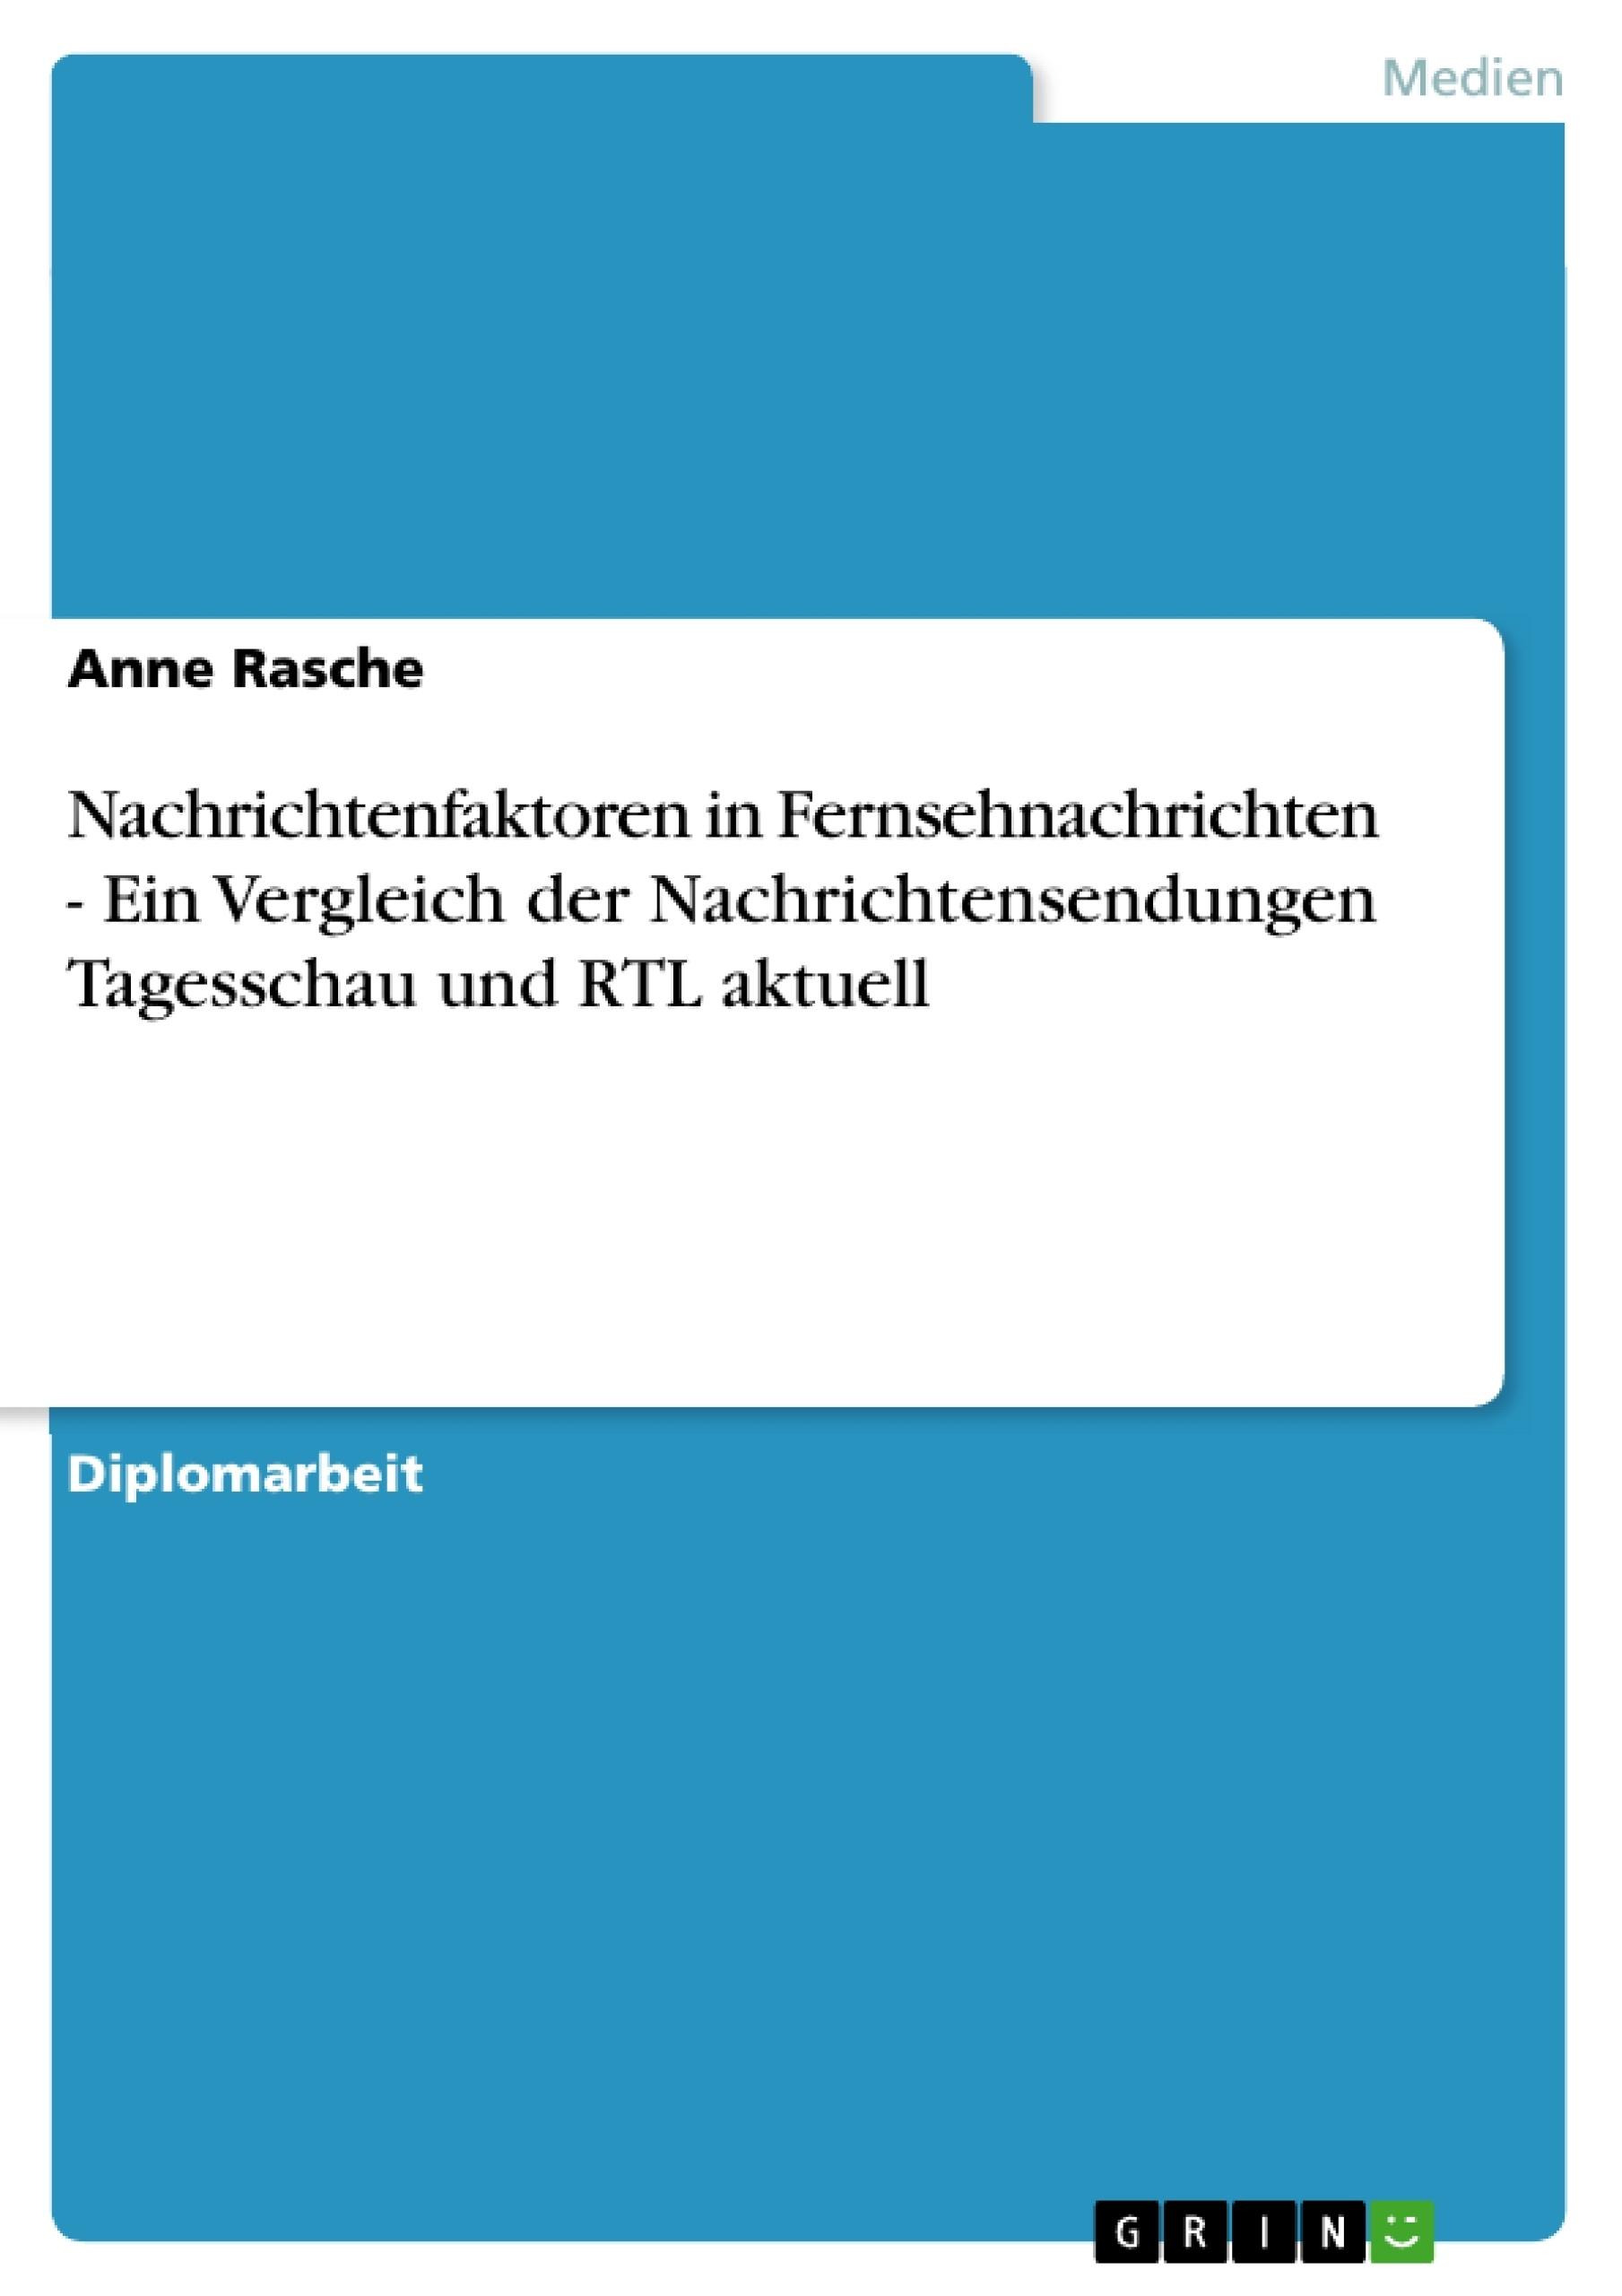 Titel: Nachrichtenfaktoren in Fernsehnachrichten - Ein Vergleich der Nachrichtensendungen Tagesschau und RTL aktuell